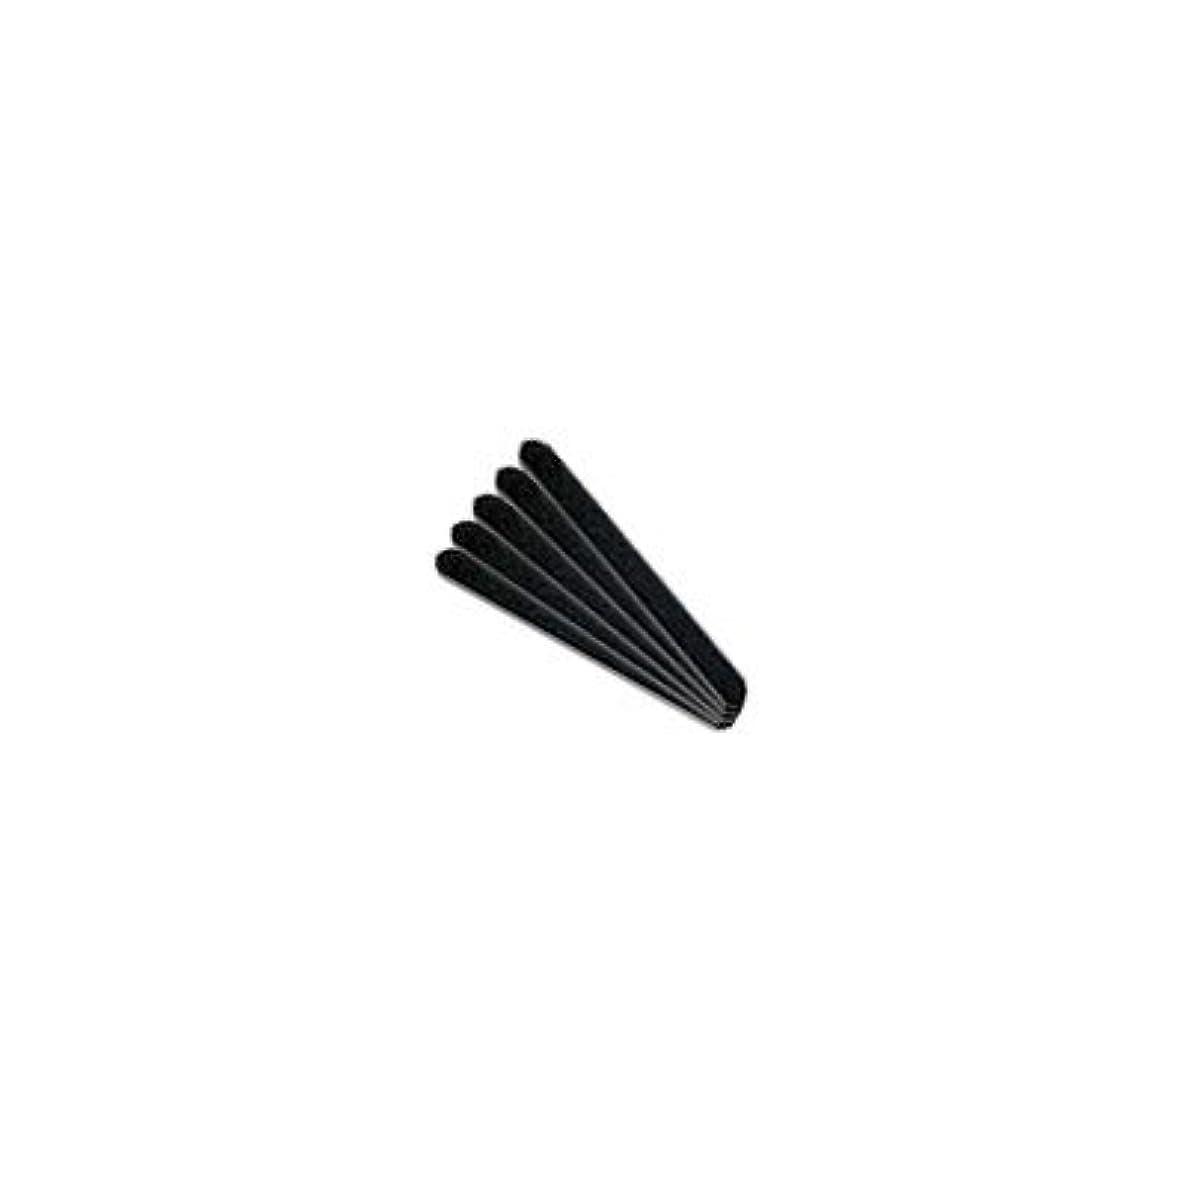 区別振り子フラップフラワリー ブラックエメリー 180/180G 5本入